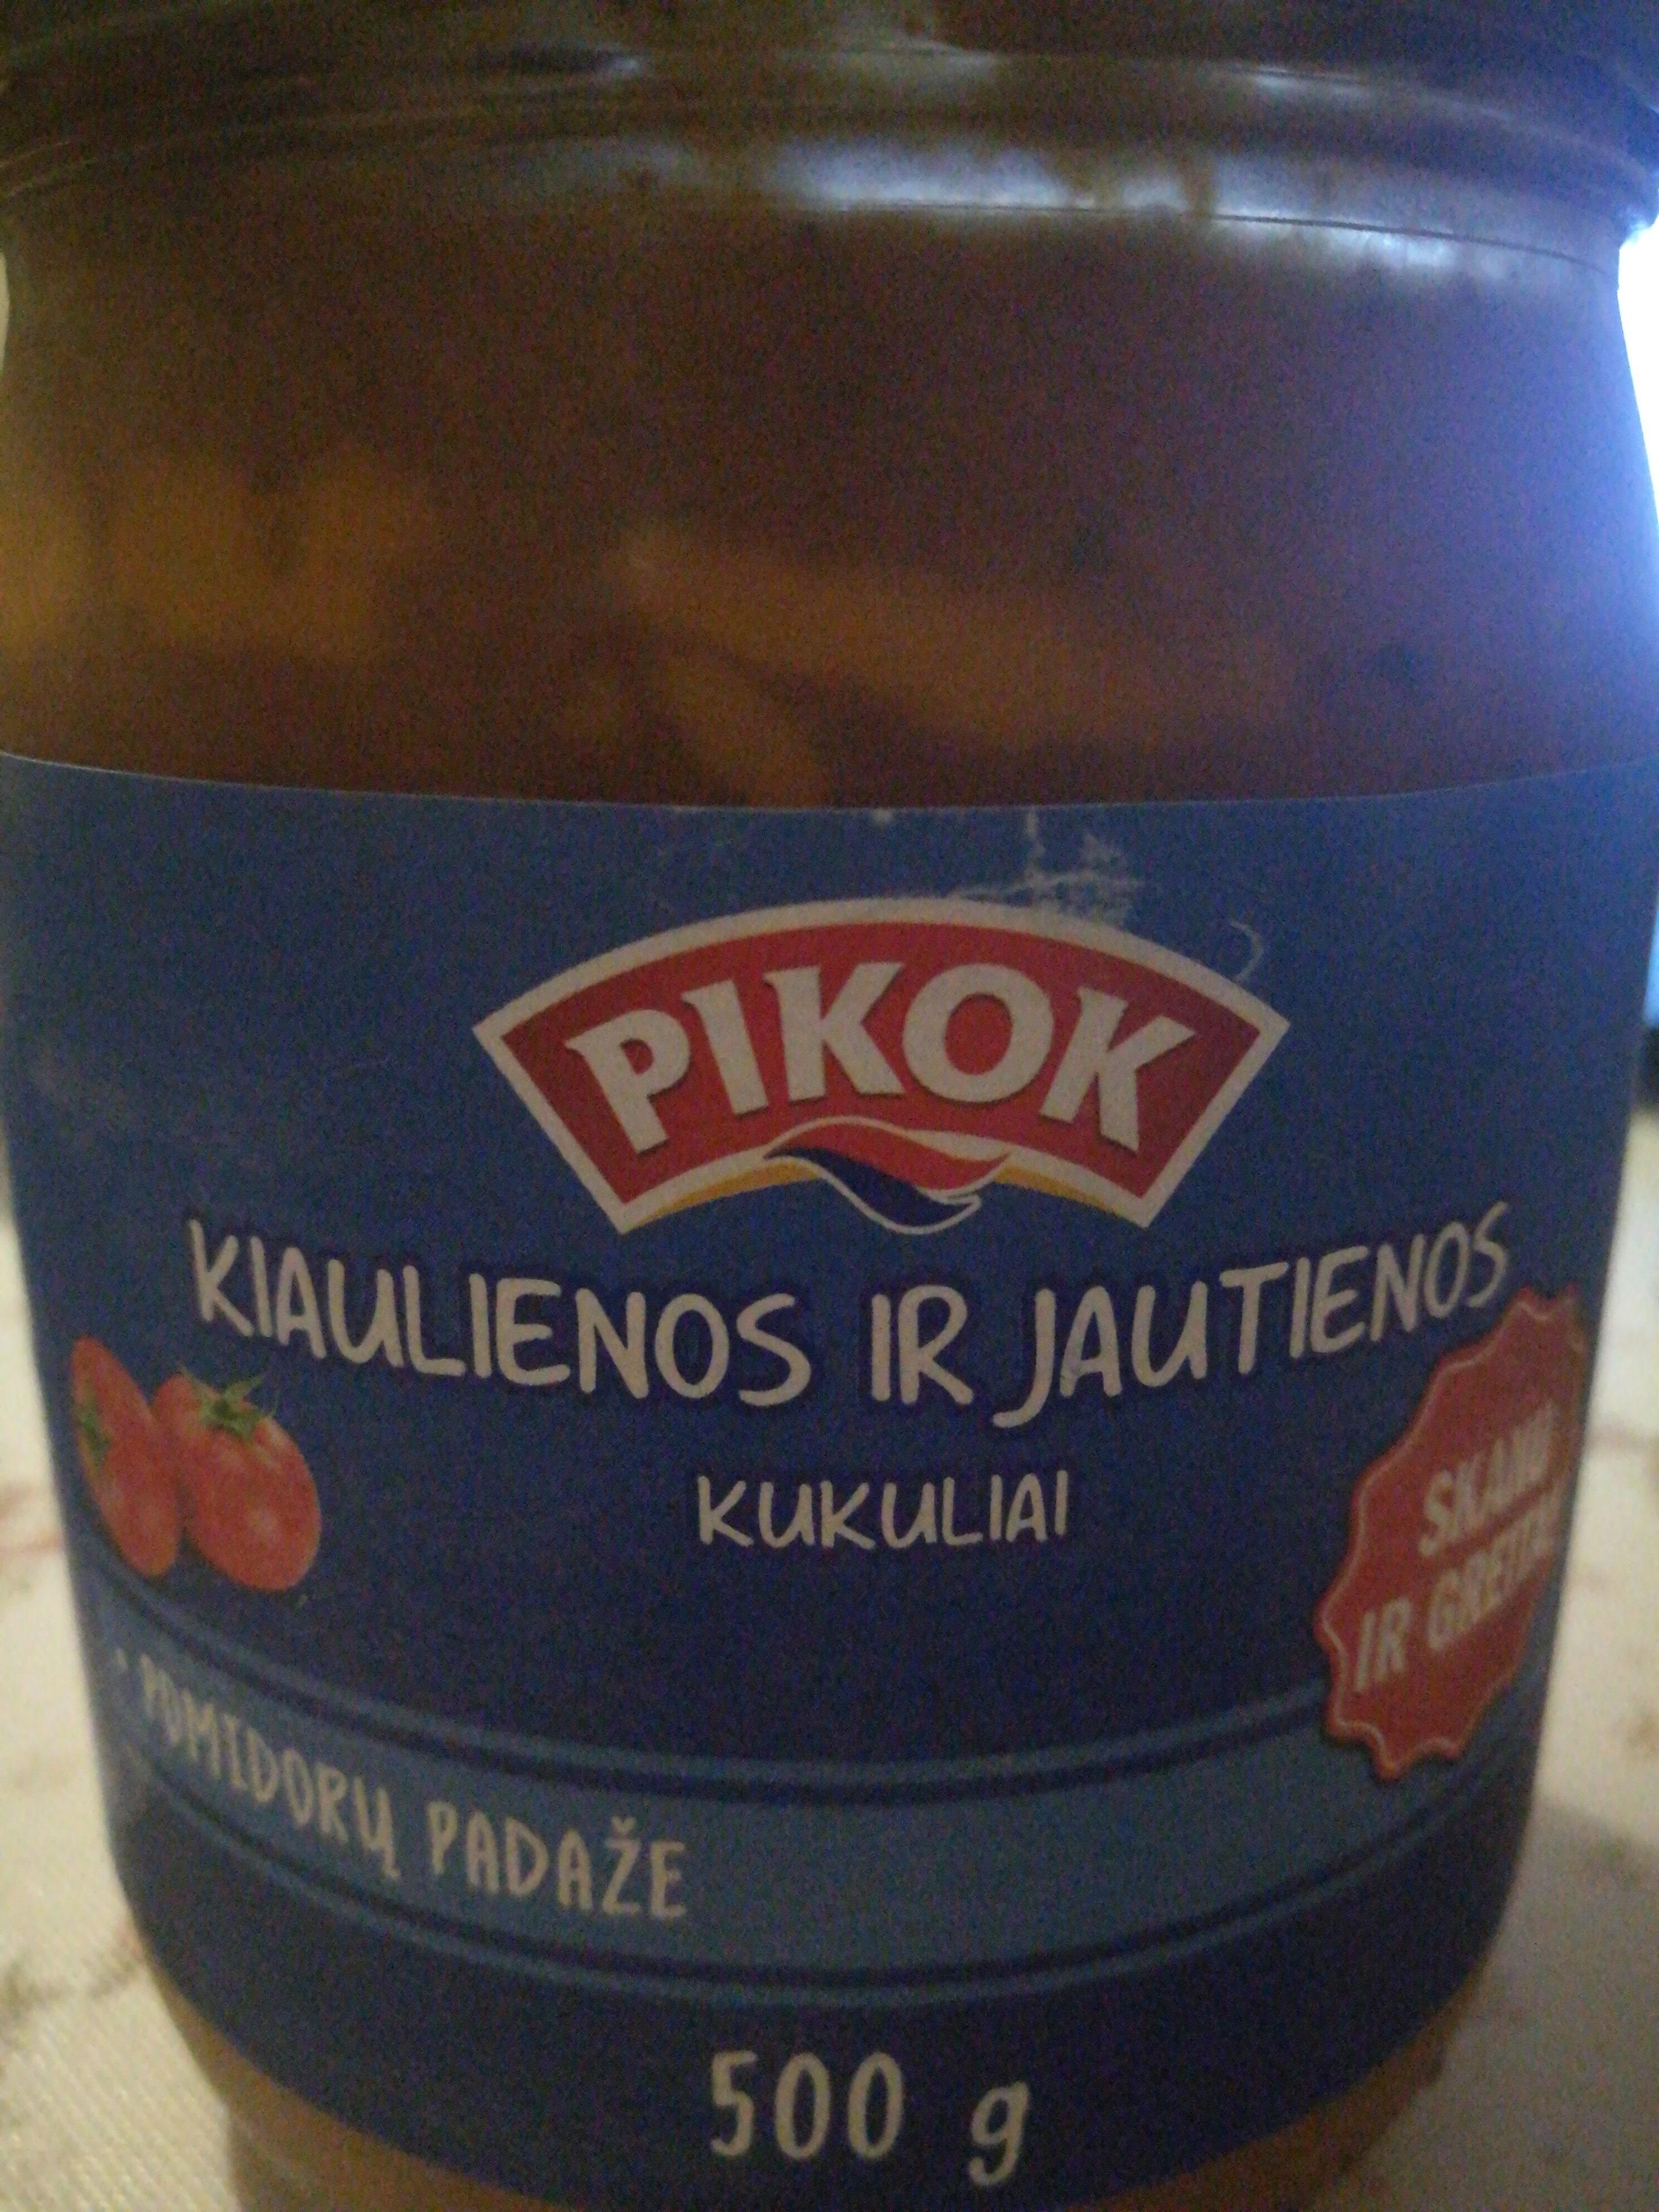 Kiaulienos ir jautienos kukuliai pomidorų padaže - Produktas - lt